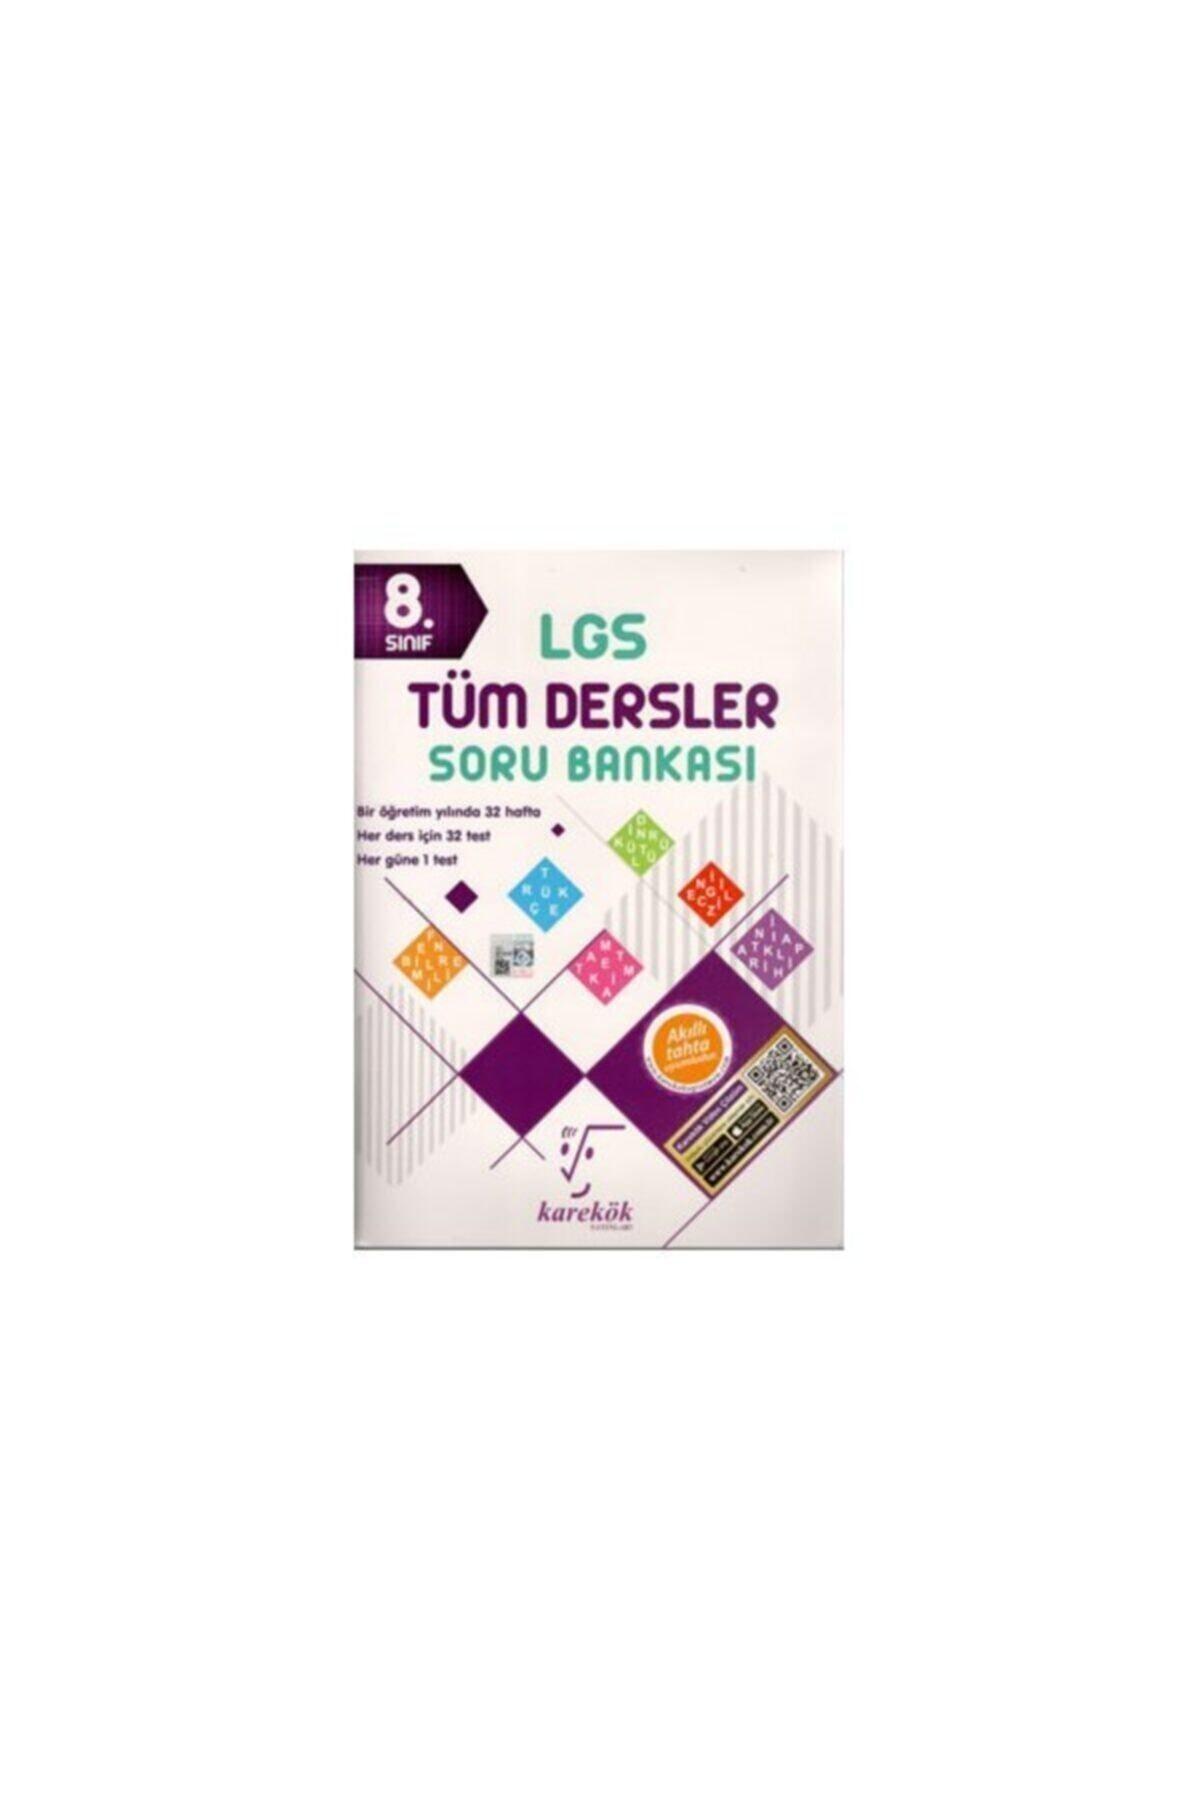 Karekök Yayınları 8. Sınıf Lgs Tüm Dersler Soru Bankası 1